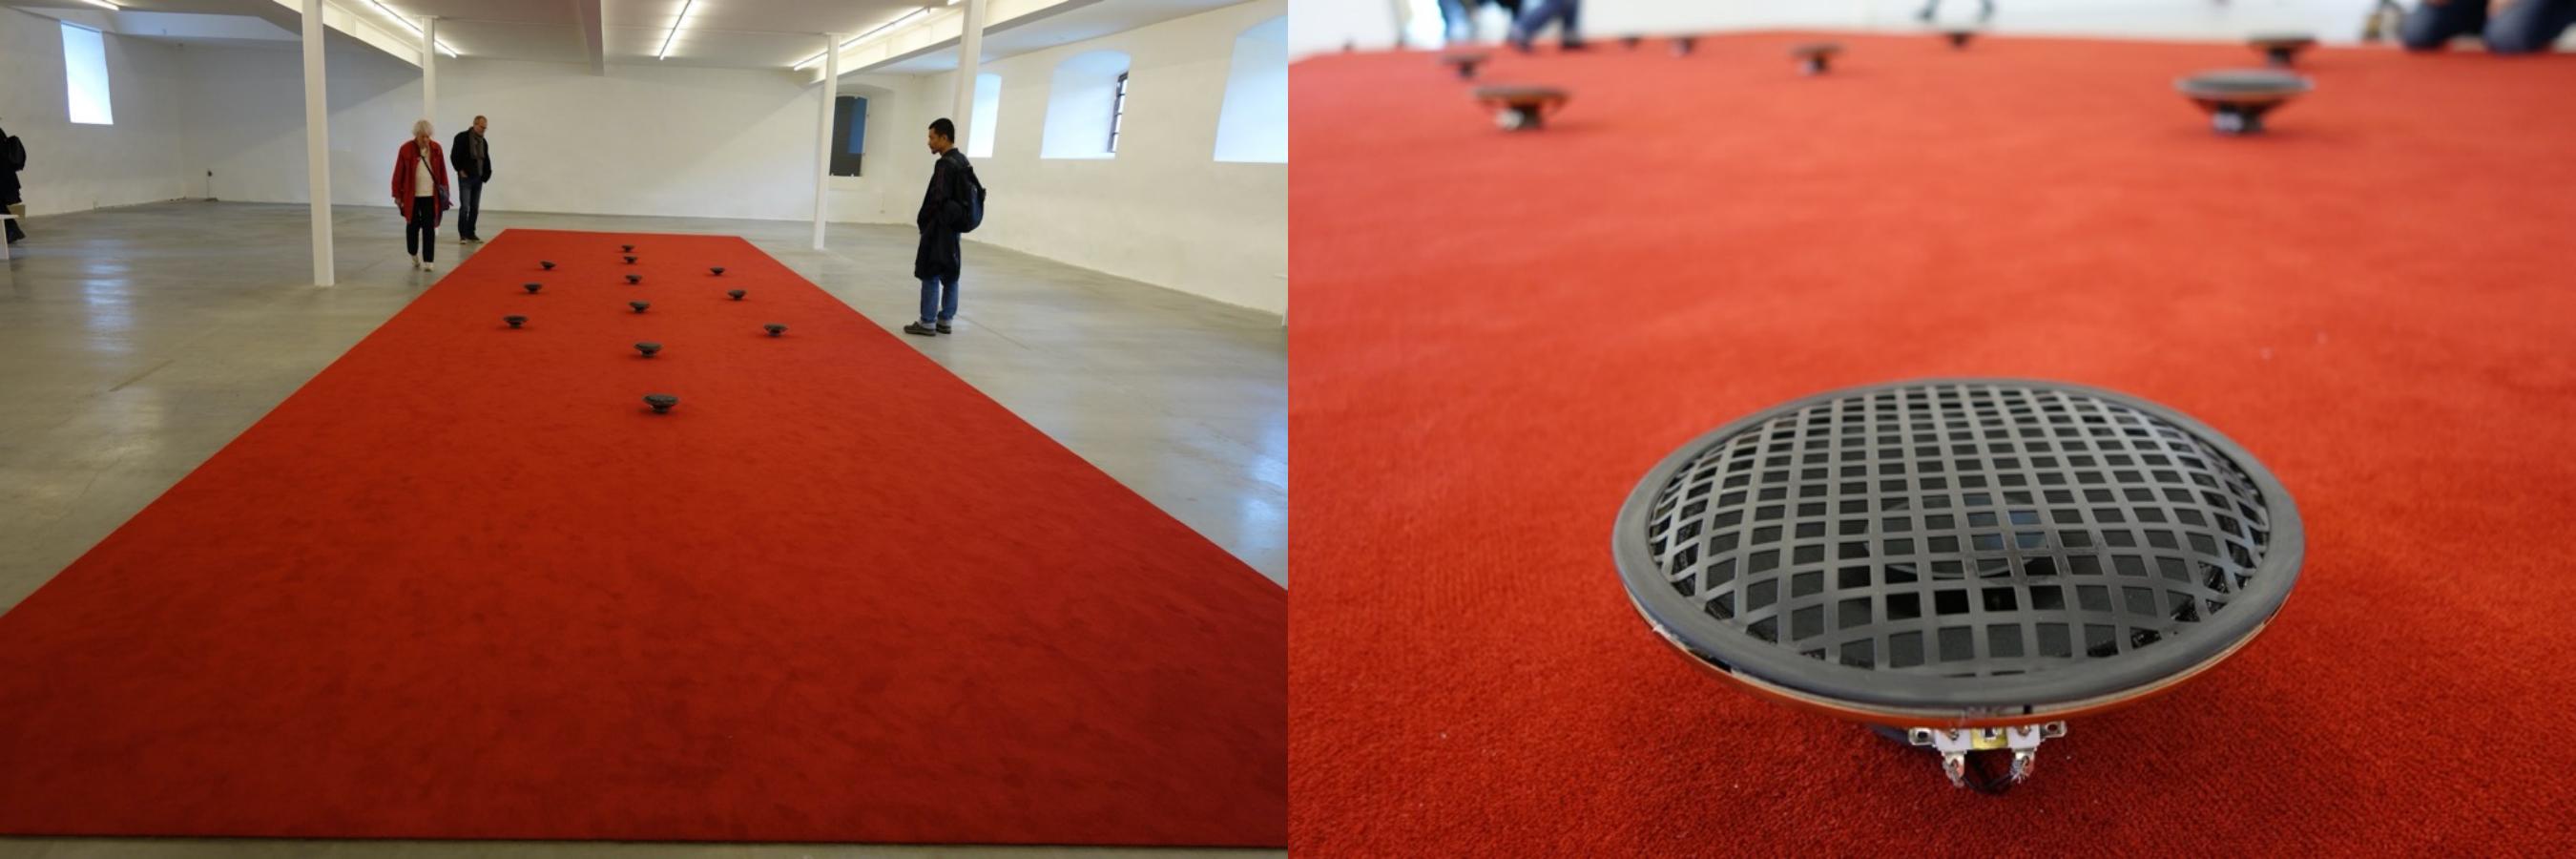 来自移民城市马尔默约四五十家不同宗教人士/组织的祈祷声,观众需脱鞋进入地毯。James Webb,Prayer(Malmo),瑞典南部Wanas艺术公园,2015。